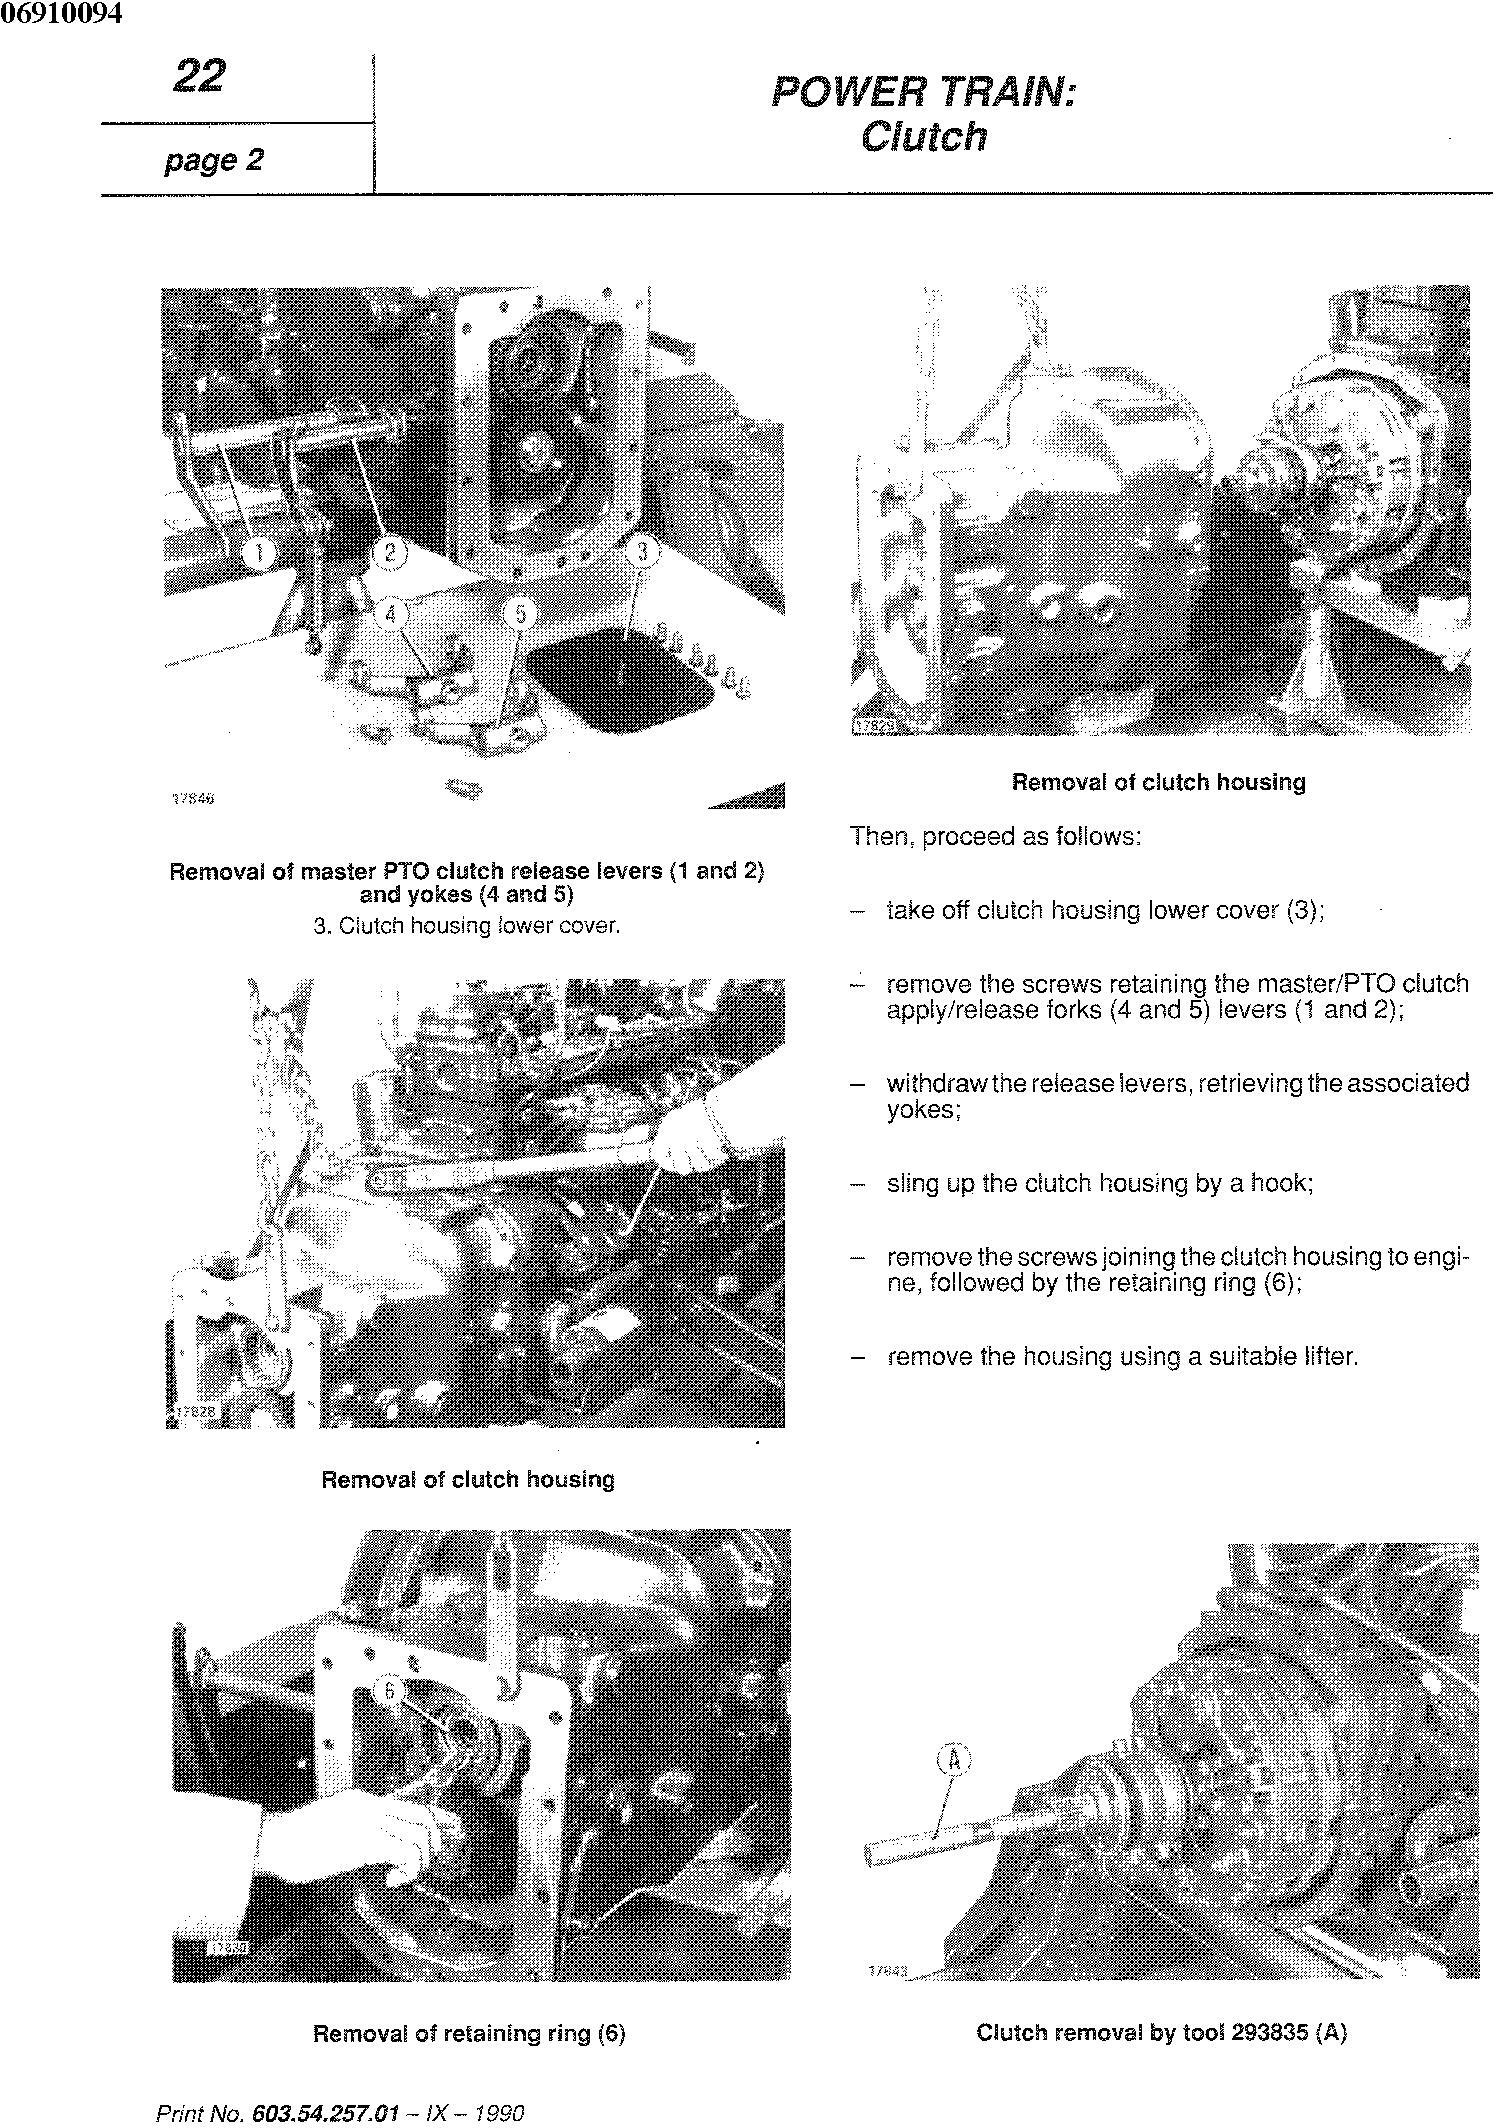 Fiat 55-65,60-65,70-65,80-65, 55-75,60-75,70-75,80-75, 465C, 555C, 665C, 765C Tractor Service Manual - 1